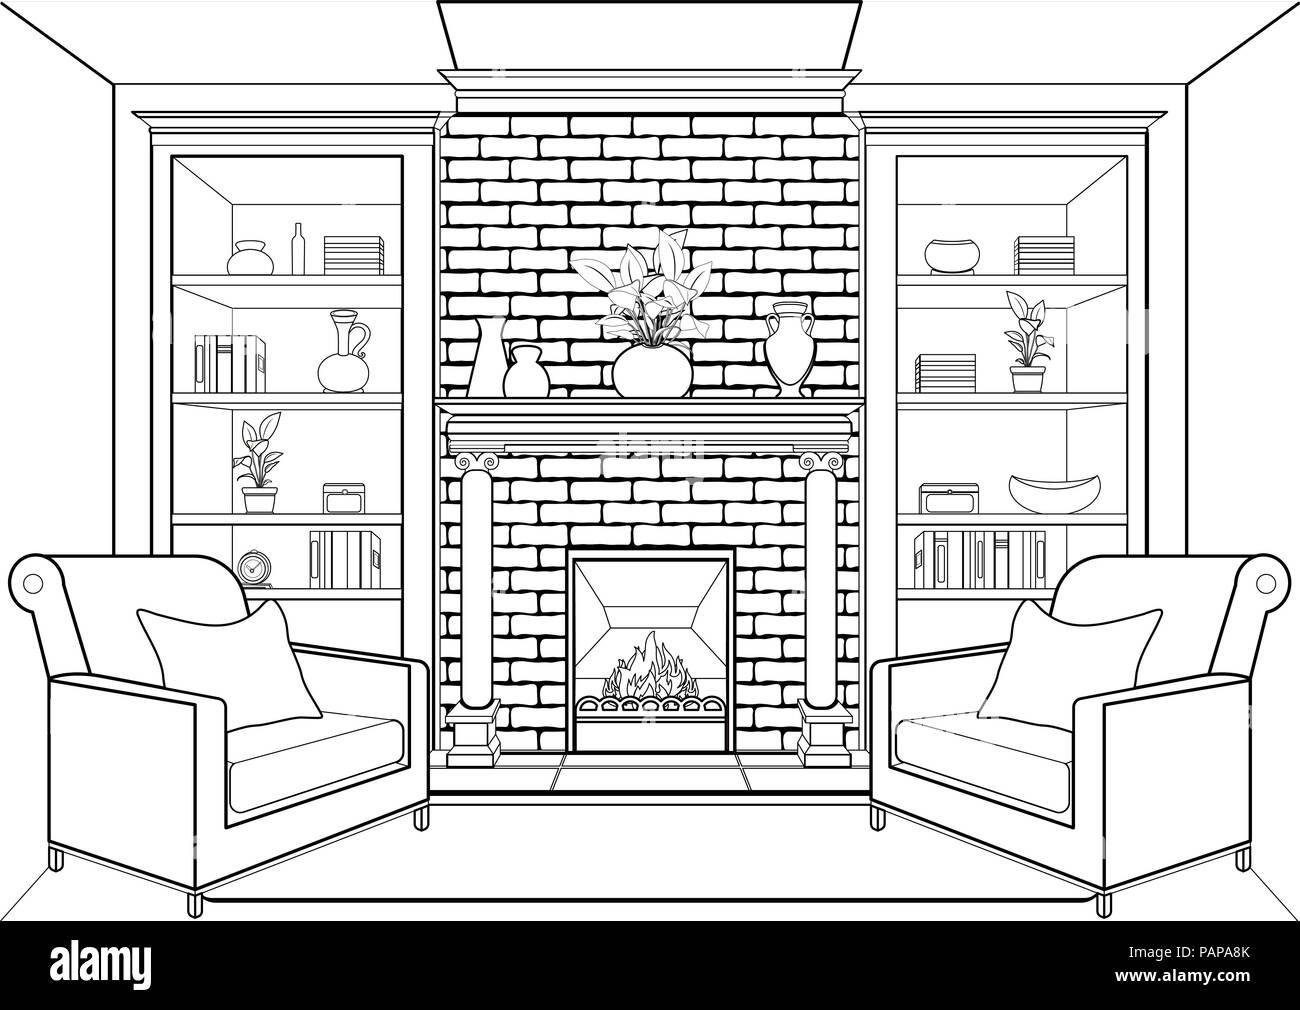 Zimmer mit Kamin Umrisse, Flachbild Innenraum, Kontur, lineare ...